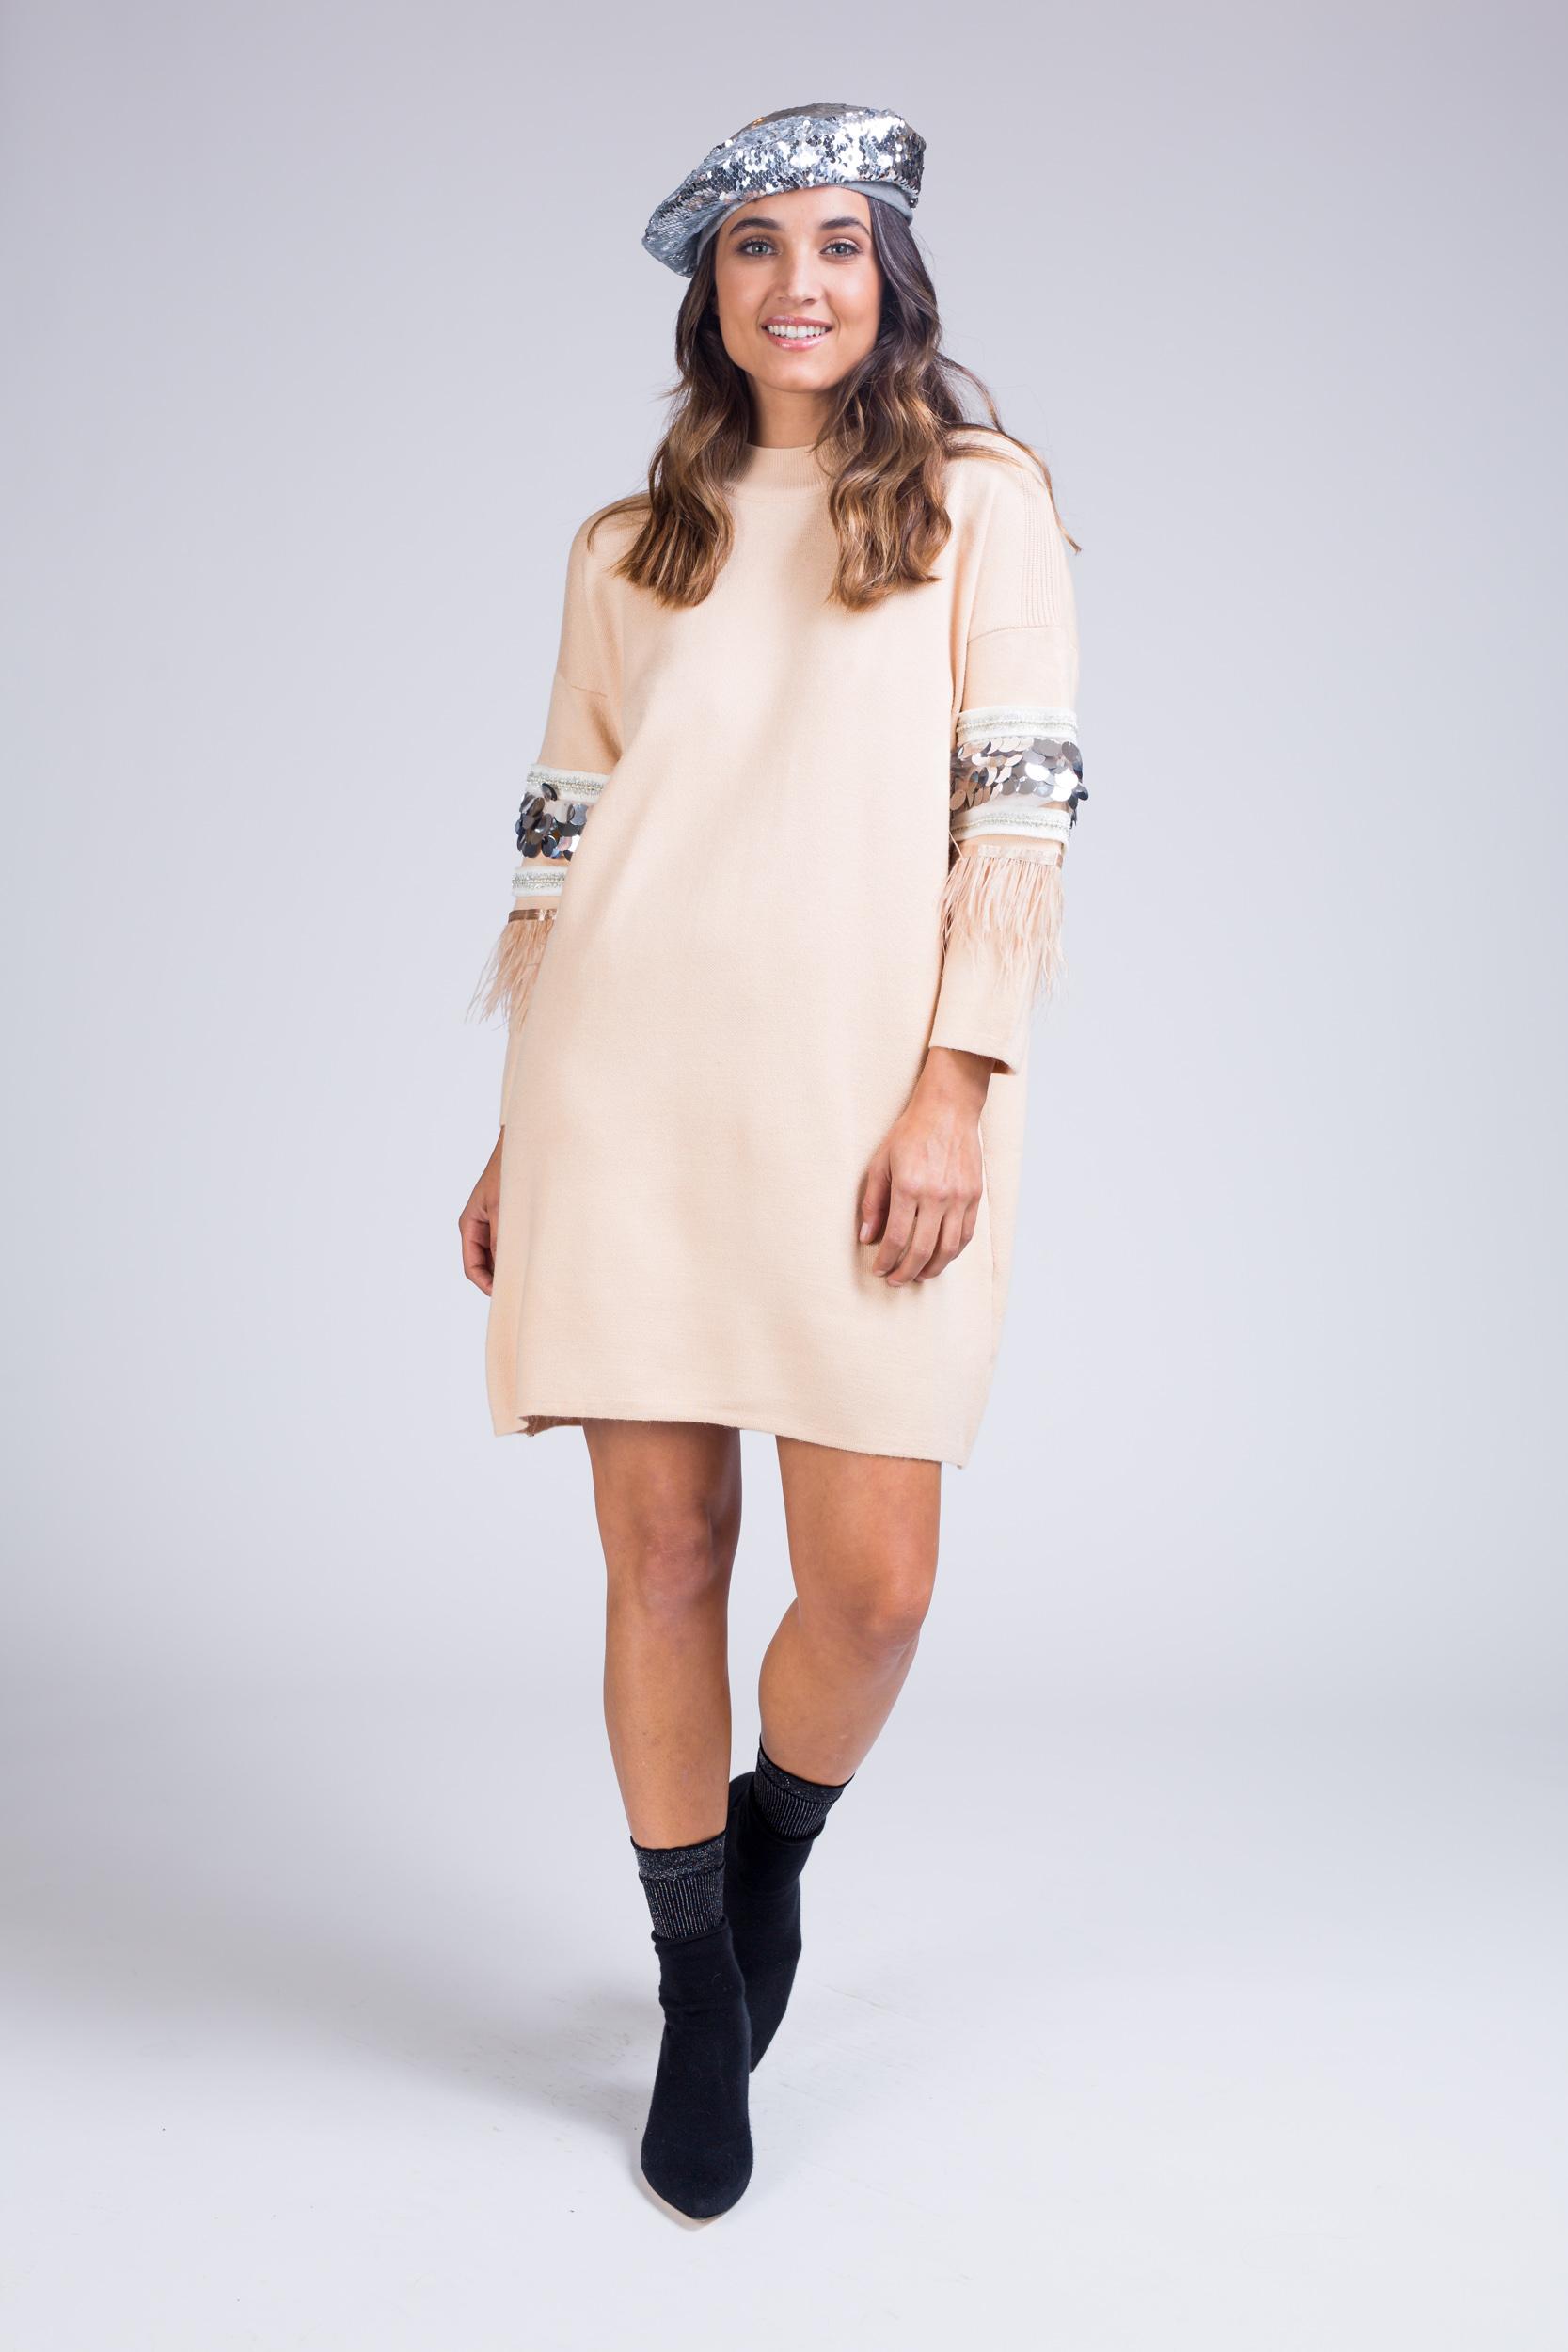 שמלת סריג בשילוב פייטים בשרוולי הידיים